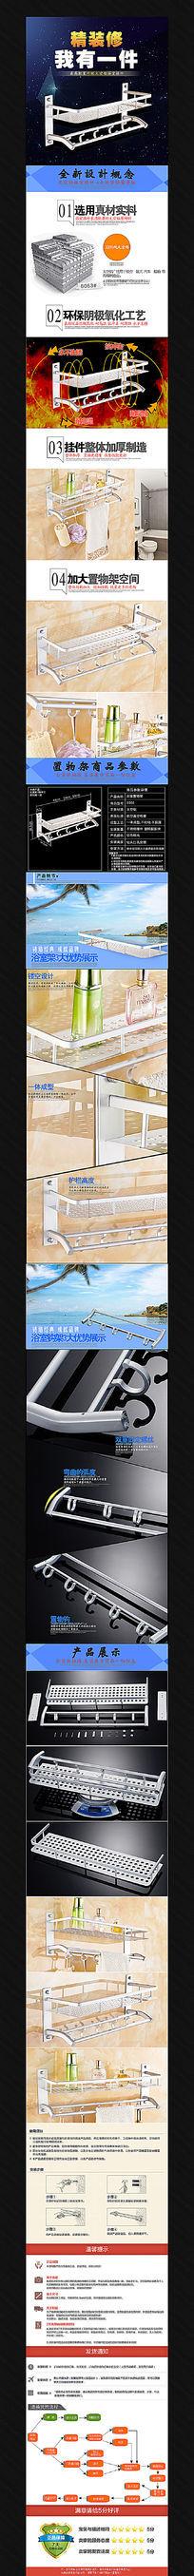 淘宝浴室置物架详情描述模板